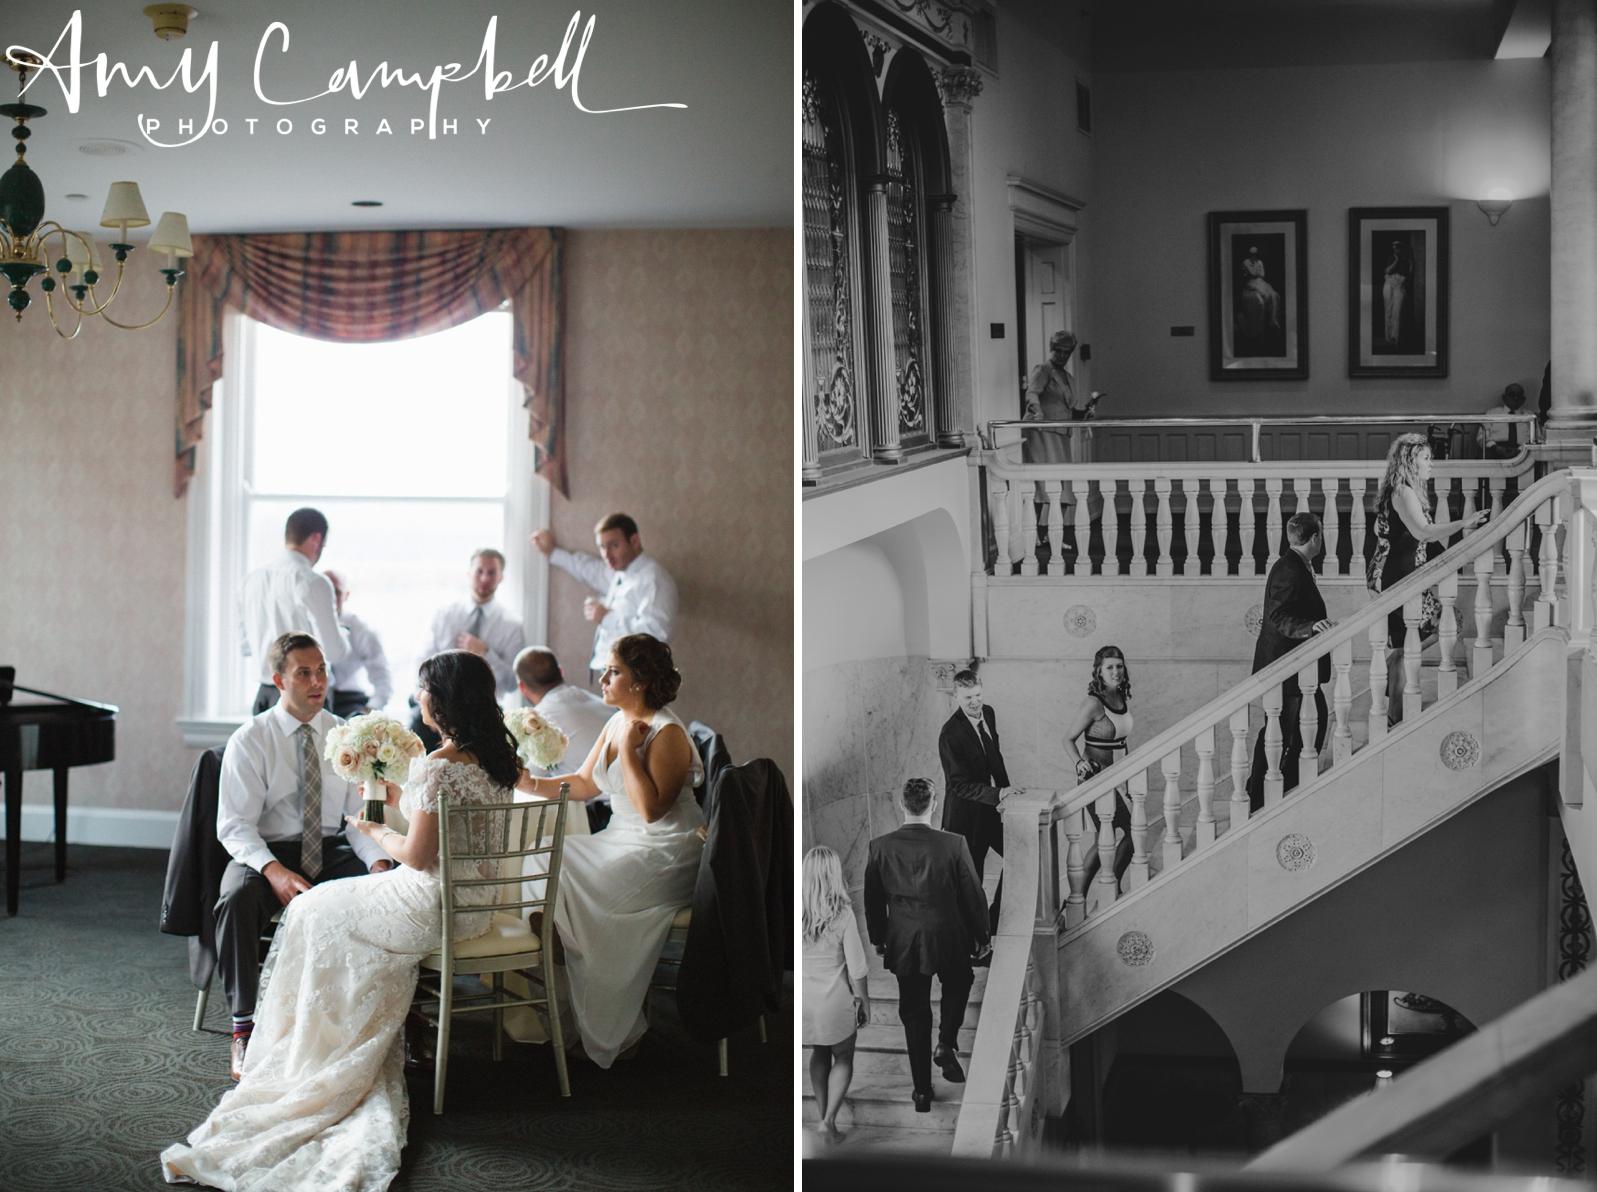 kellilanceblog_amycampbellphotography026.jpg